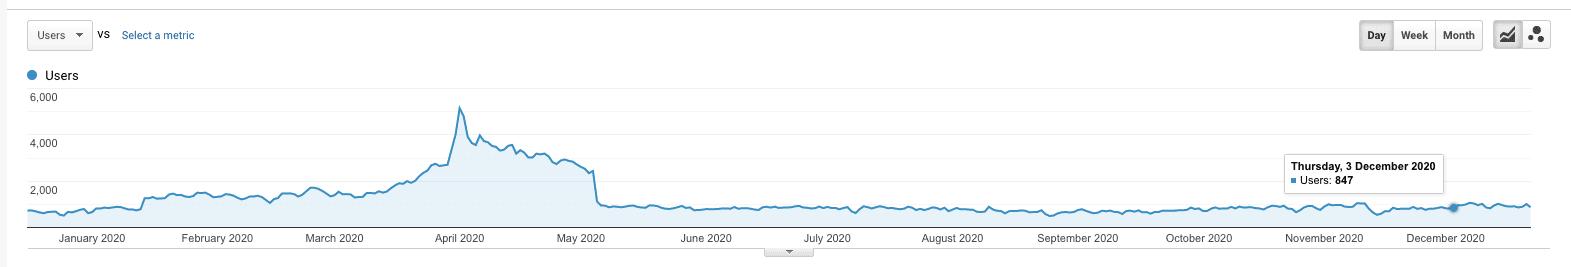 Bản cập nhật thuật toán Google tháng 12 năm 2020